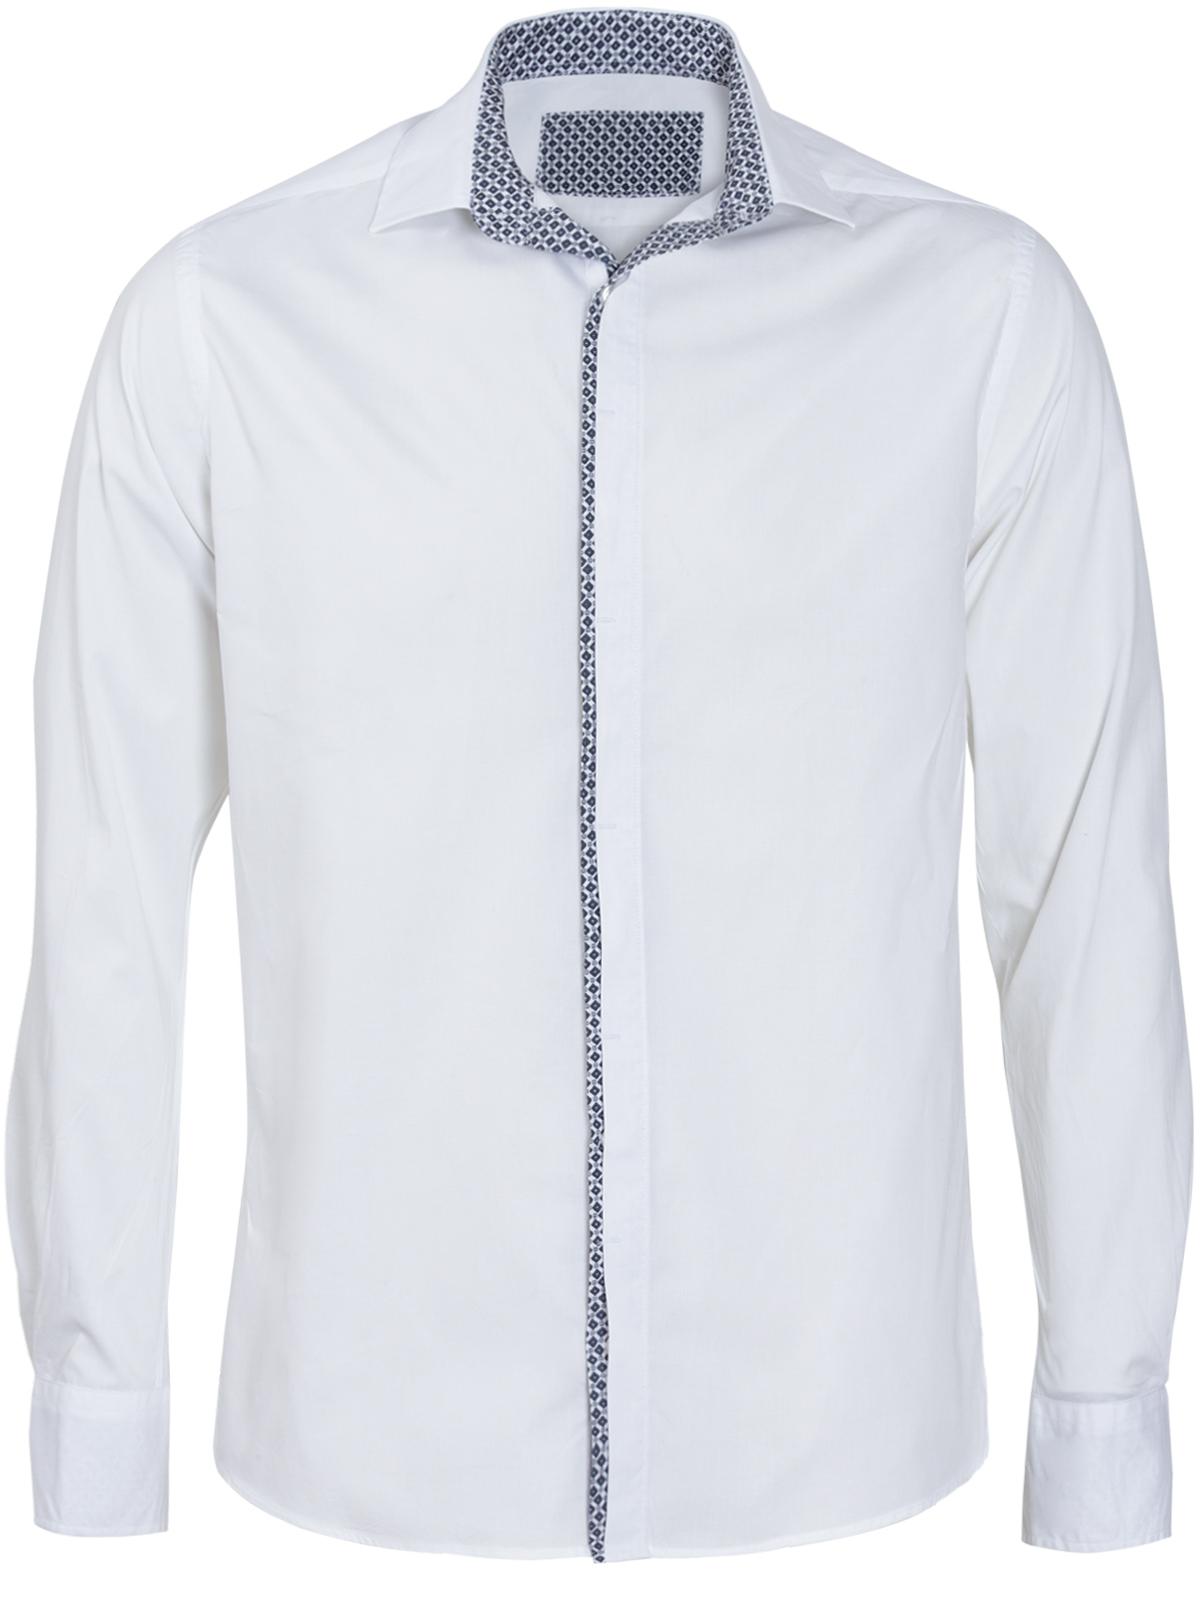 Μακρυμάνικο Πουκάμισο με Γεωμετρικό Τύπωμα ανδρικά   πουκάμισα